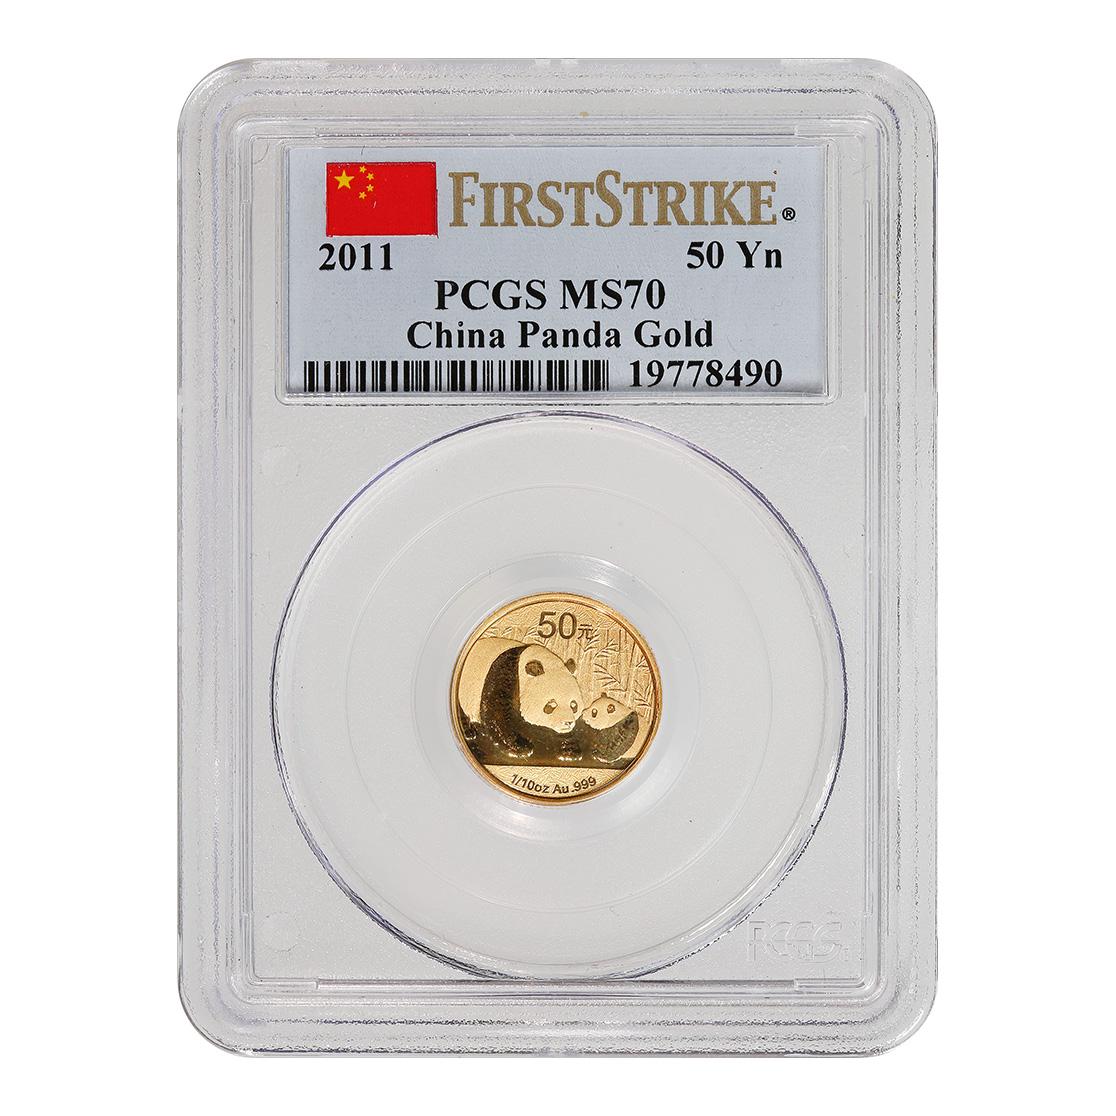 Certified Tenth Ounce Chinese Gold Panda 2011 50 Yuan MS70 PCGS